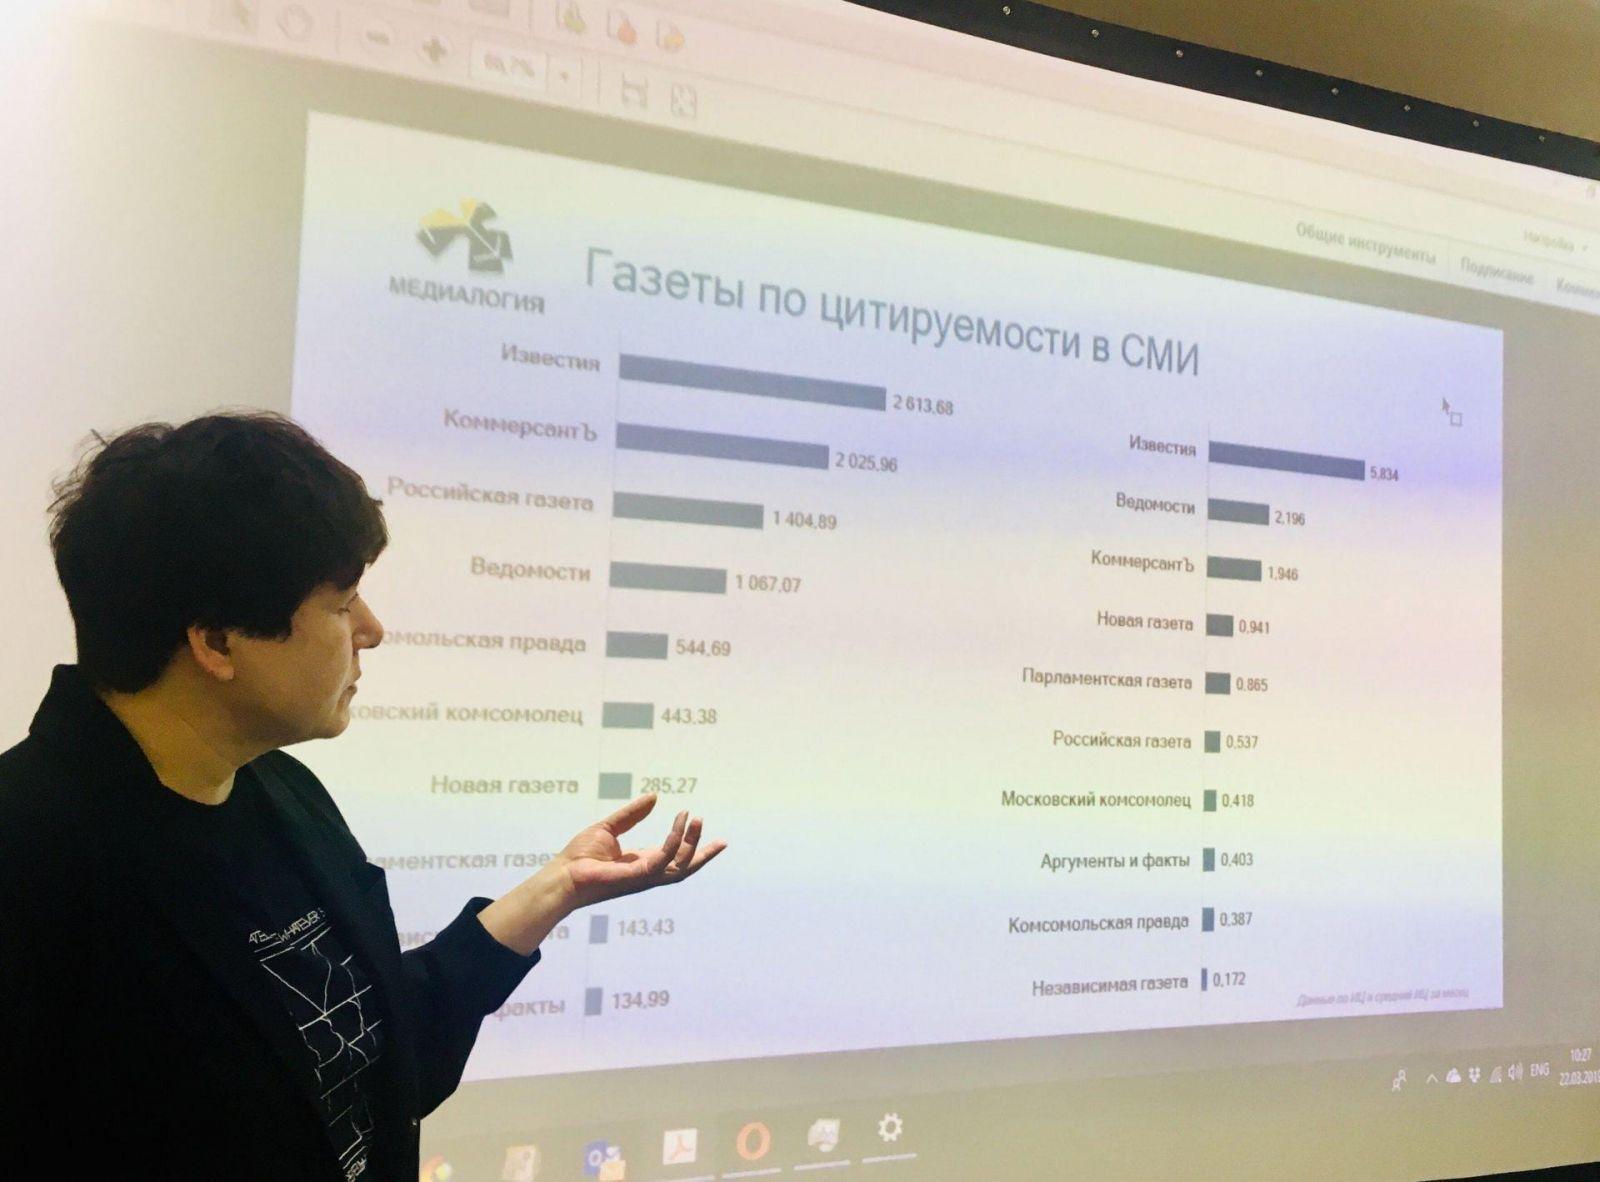 В Сочи прошёл семинар по аналитике и монетизации для цифровых СМИ ()